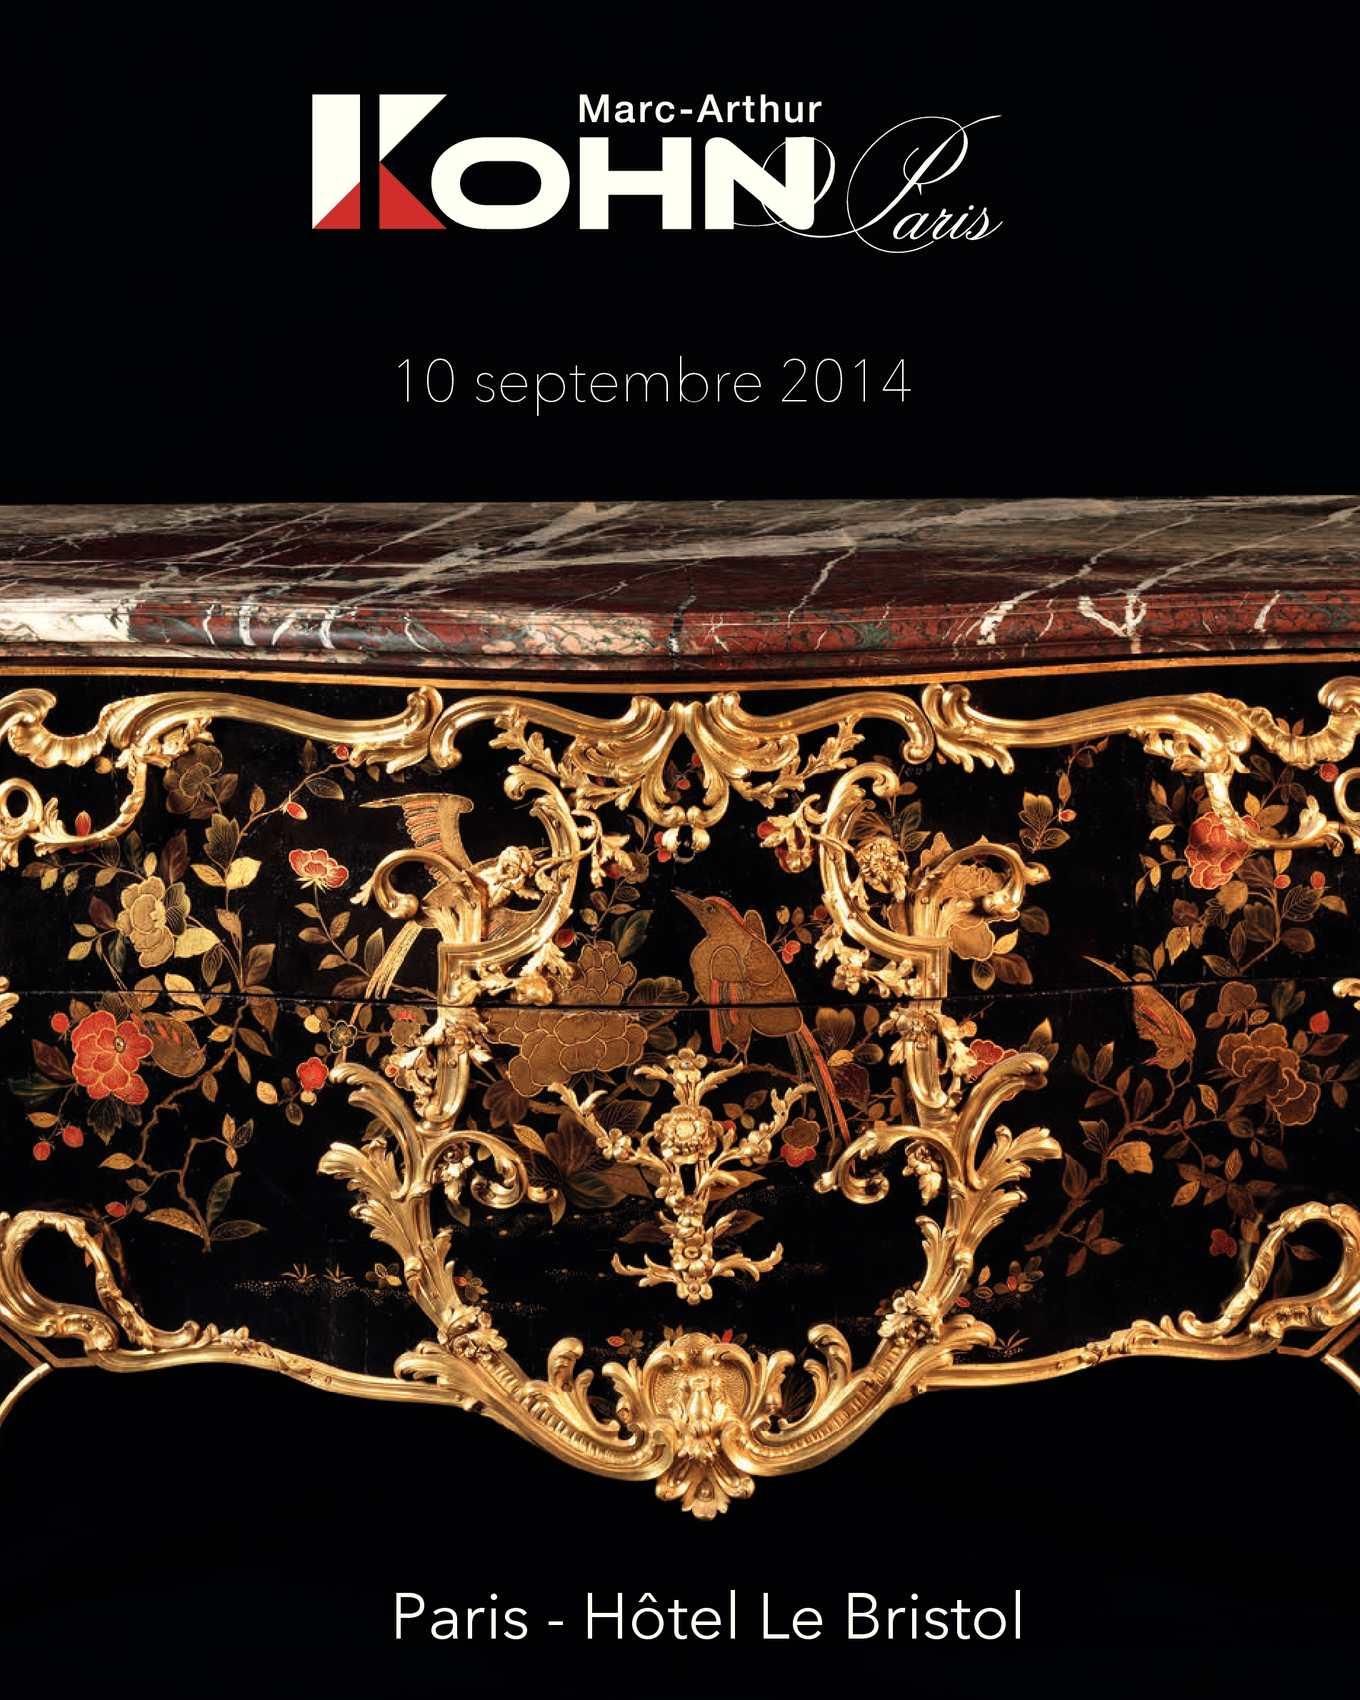 Calaméo - Marc-Arthur Kohn - 10 septembre 2014 - Mobilier et Objets d Art 0f36d883b5d